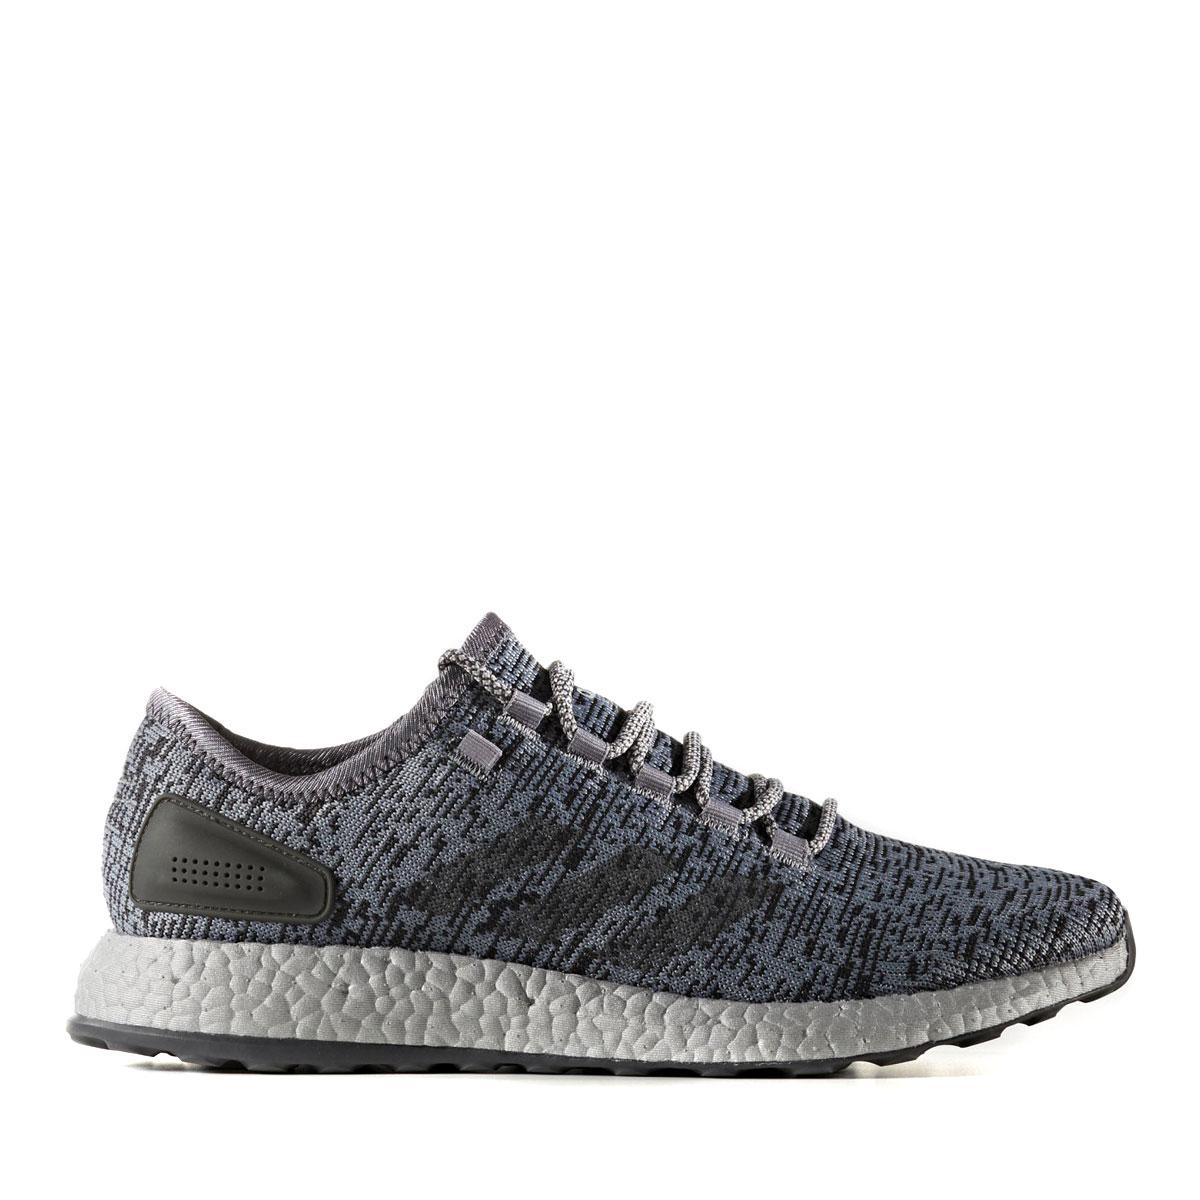 ebd421bdc0d4 ... discount code for adidas originals pureboost cl adidas originals pure  boost cl gray dgh solid gray